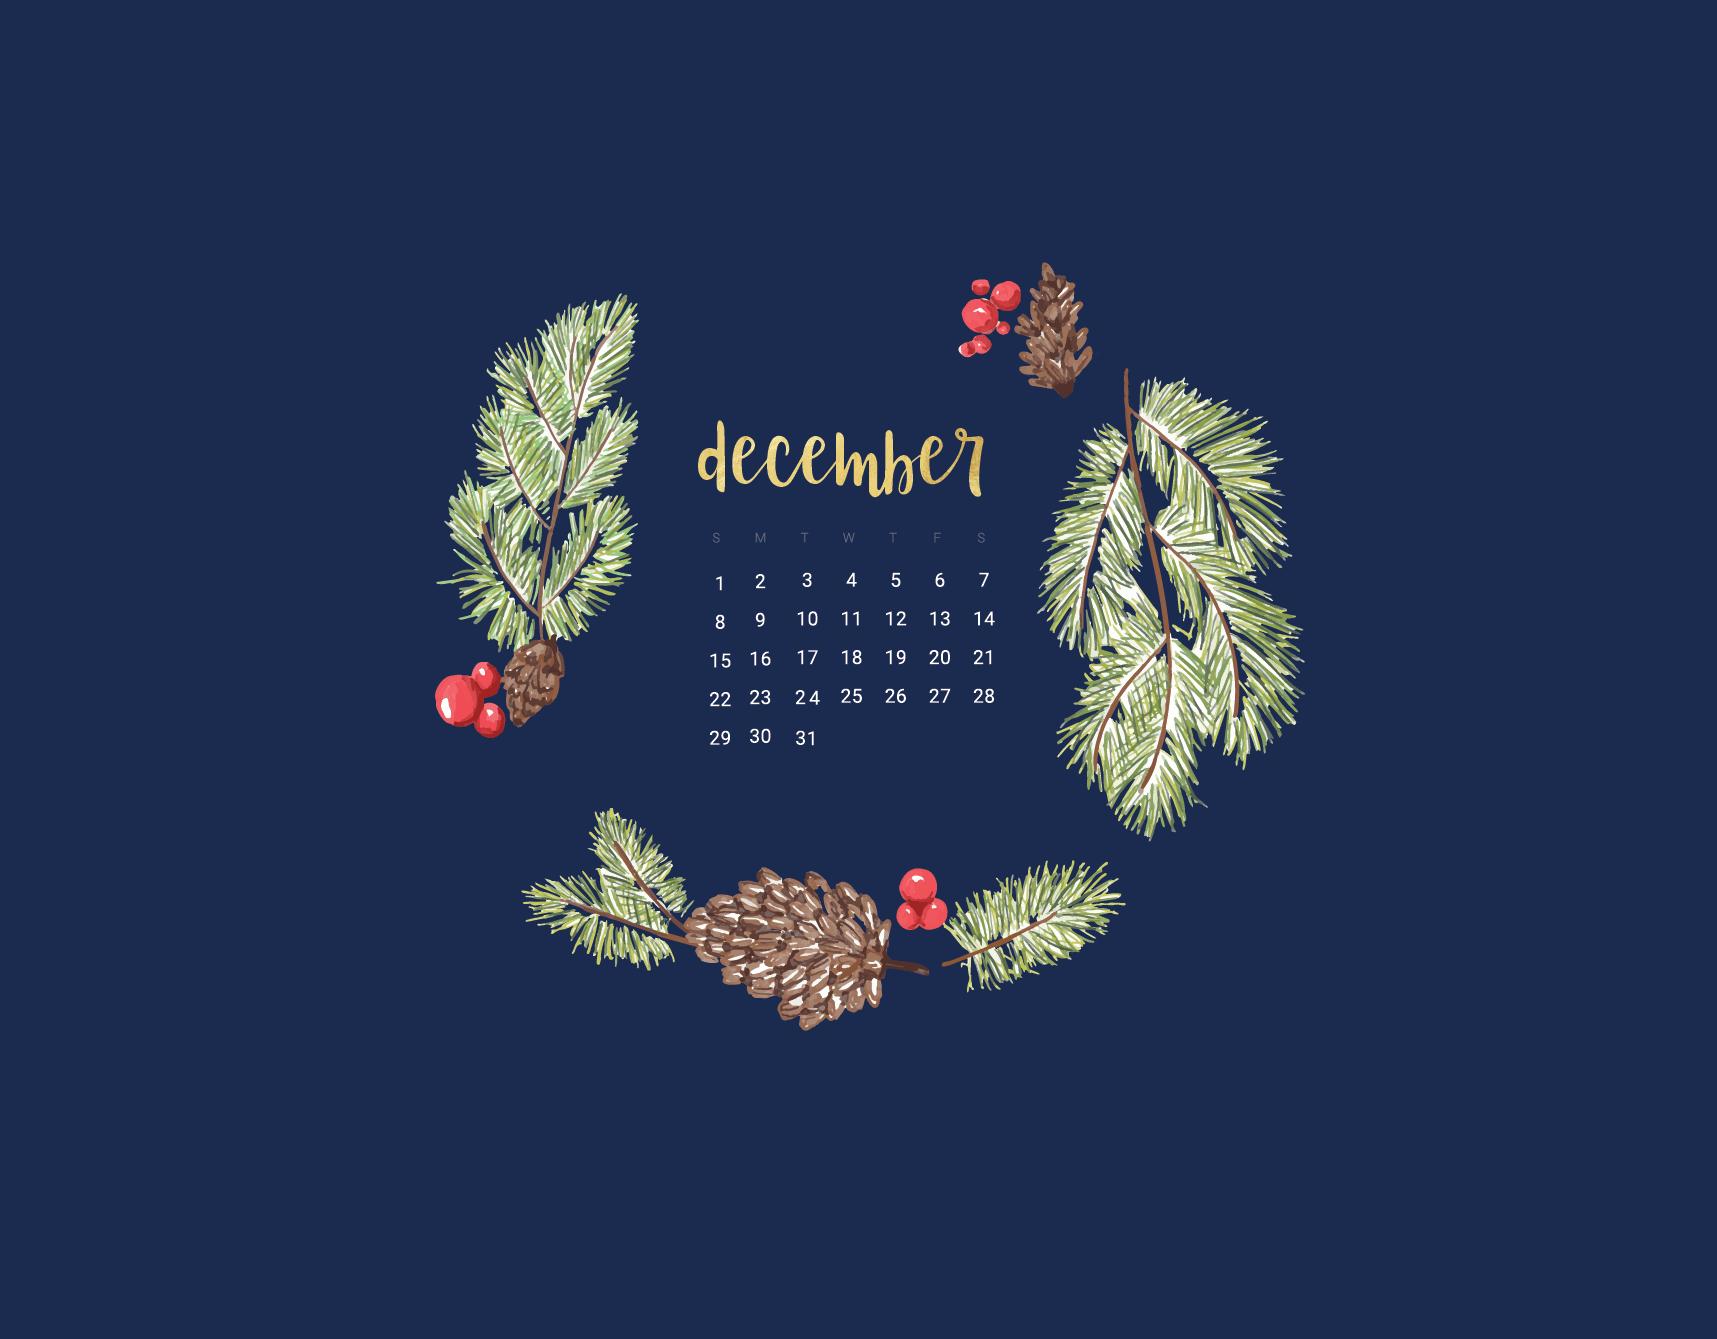 Floral December 2019 Wallpaper